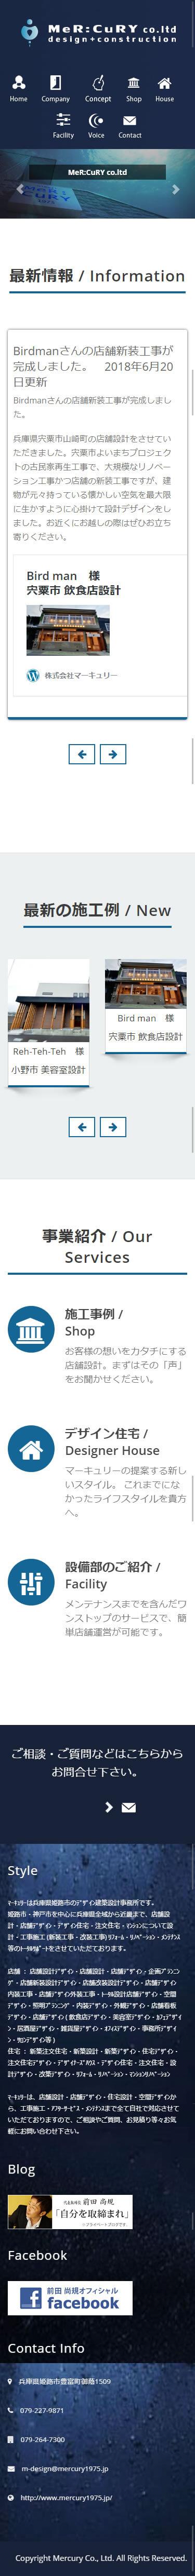 姫路市 株式会社マーキュリー様 ホームページ制作3